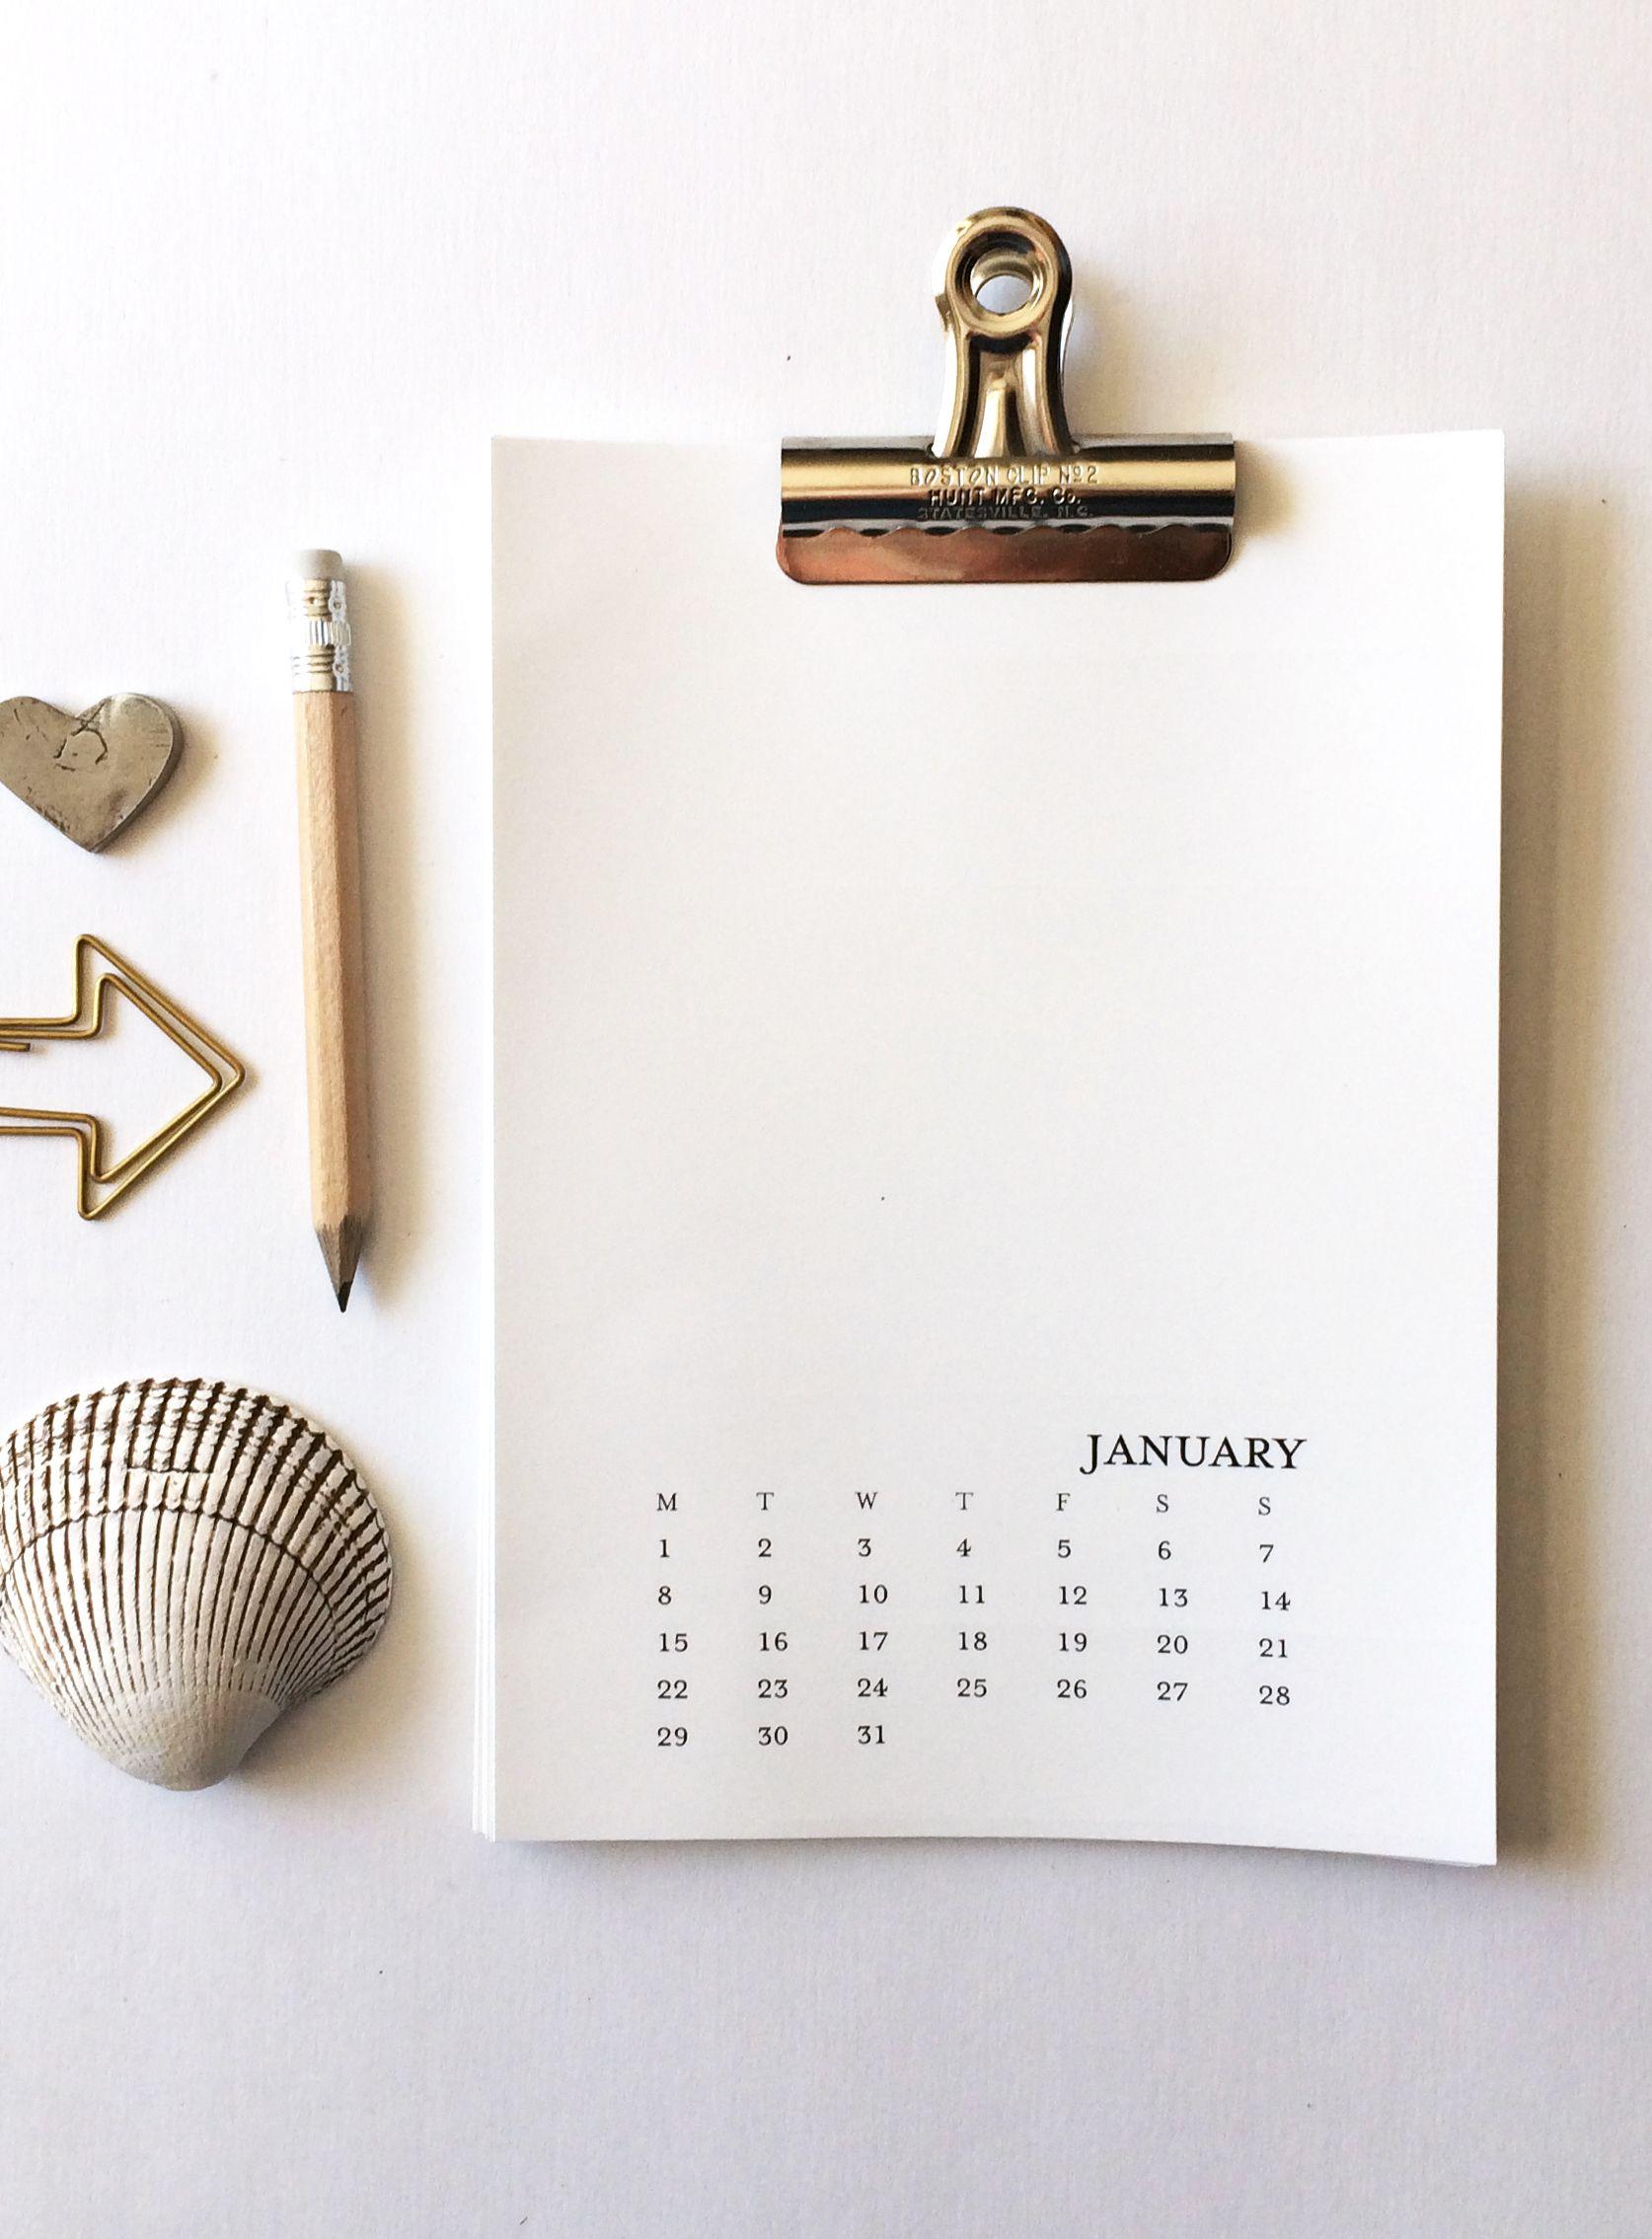 2020 Printable Calendar 5X7 Monday-Sunday - Printable